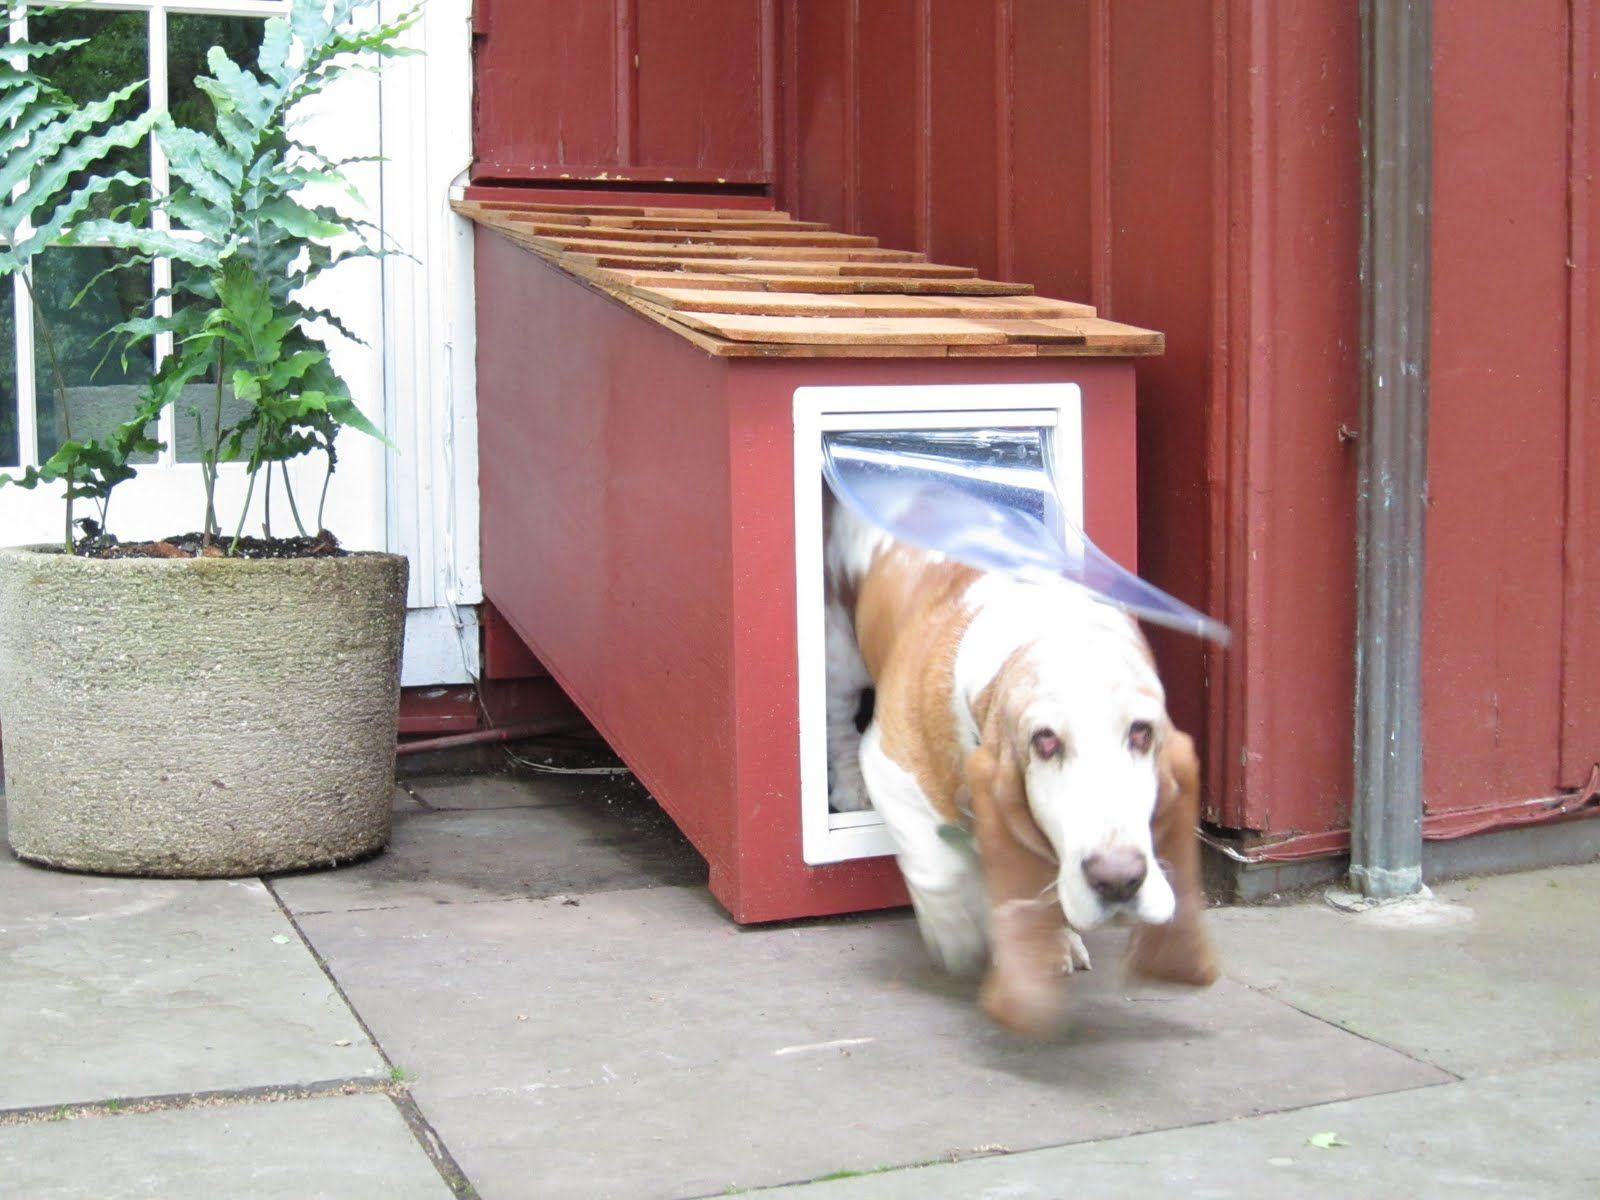 Doggie Door Tunnel Love It Dog Door Cat Enclosure Pet Care Dogs